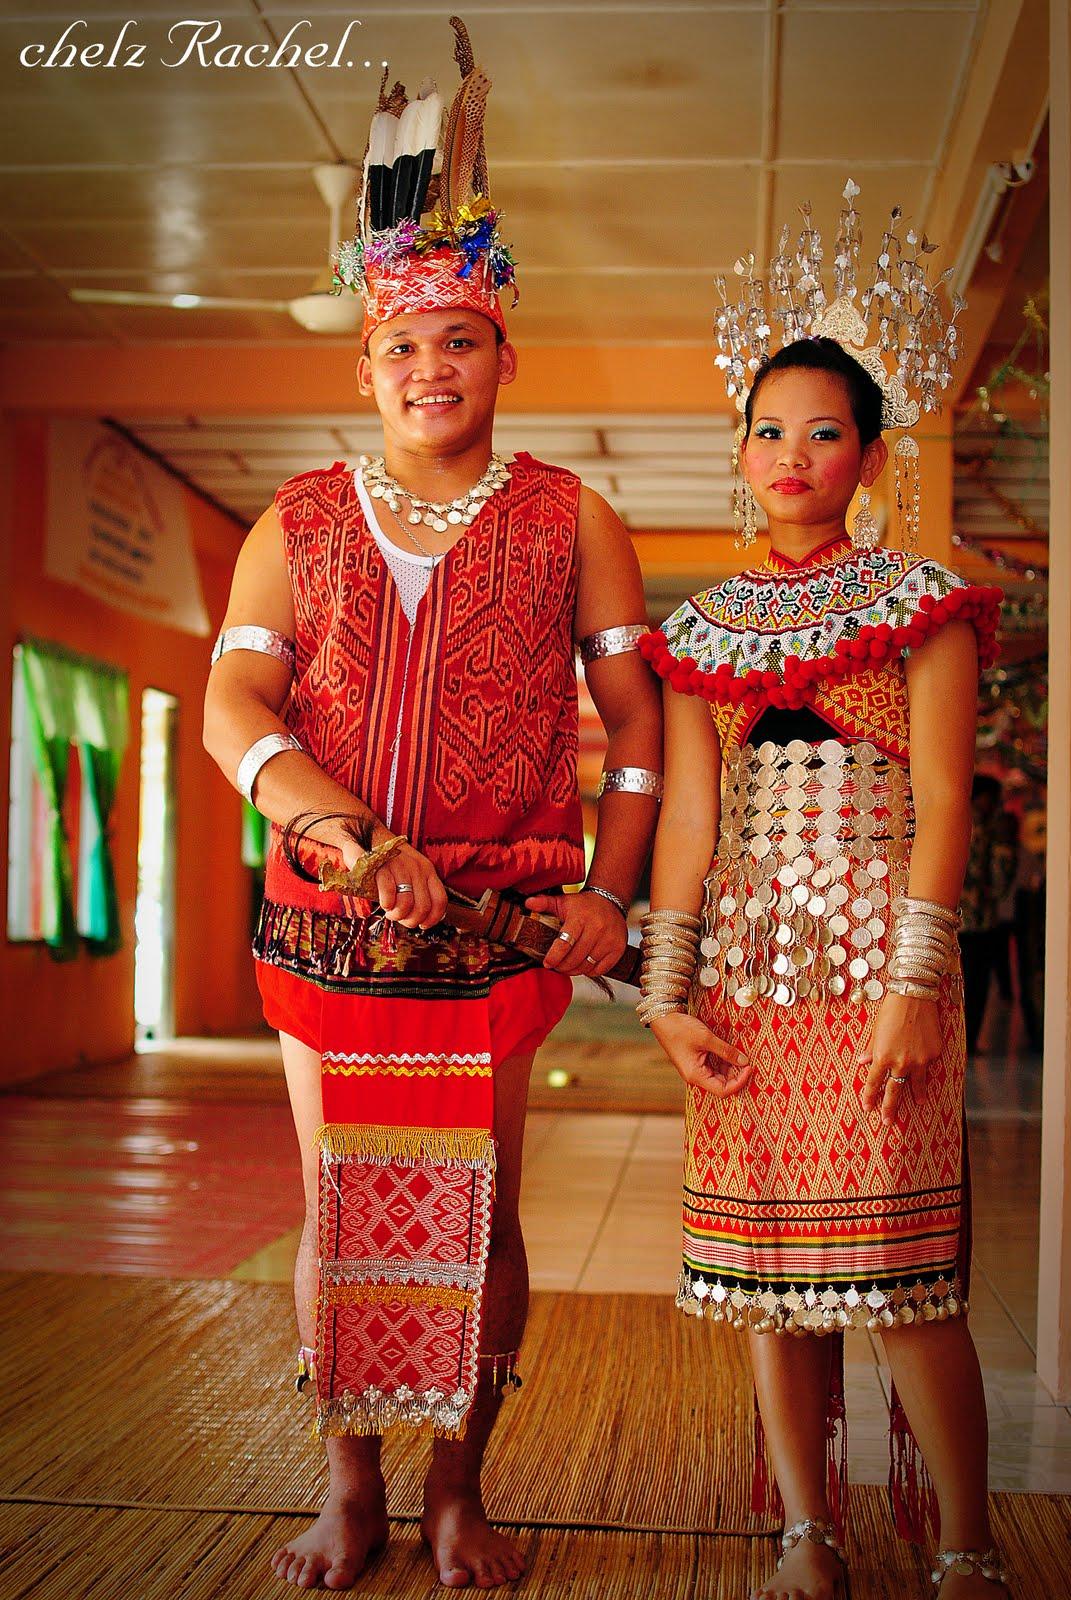 Kali ini saya post gambar Baju Ngepan Kaum iban di SarawakSebelum